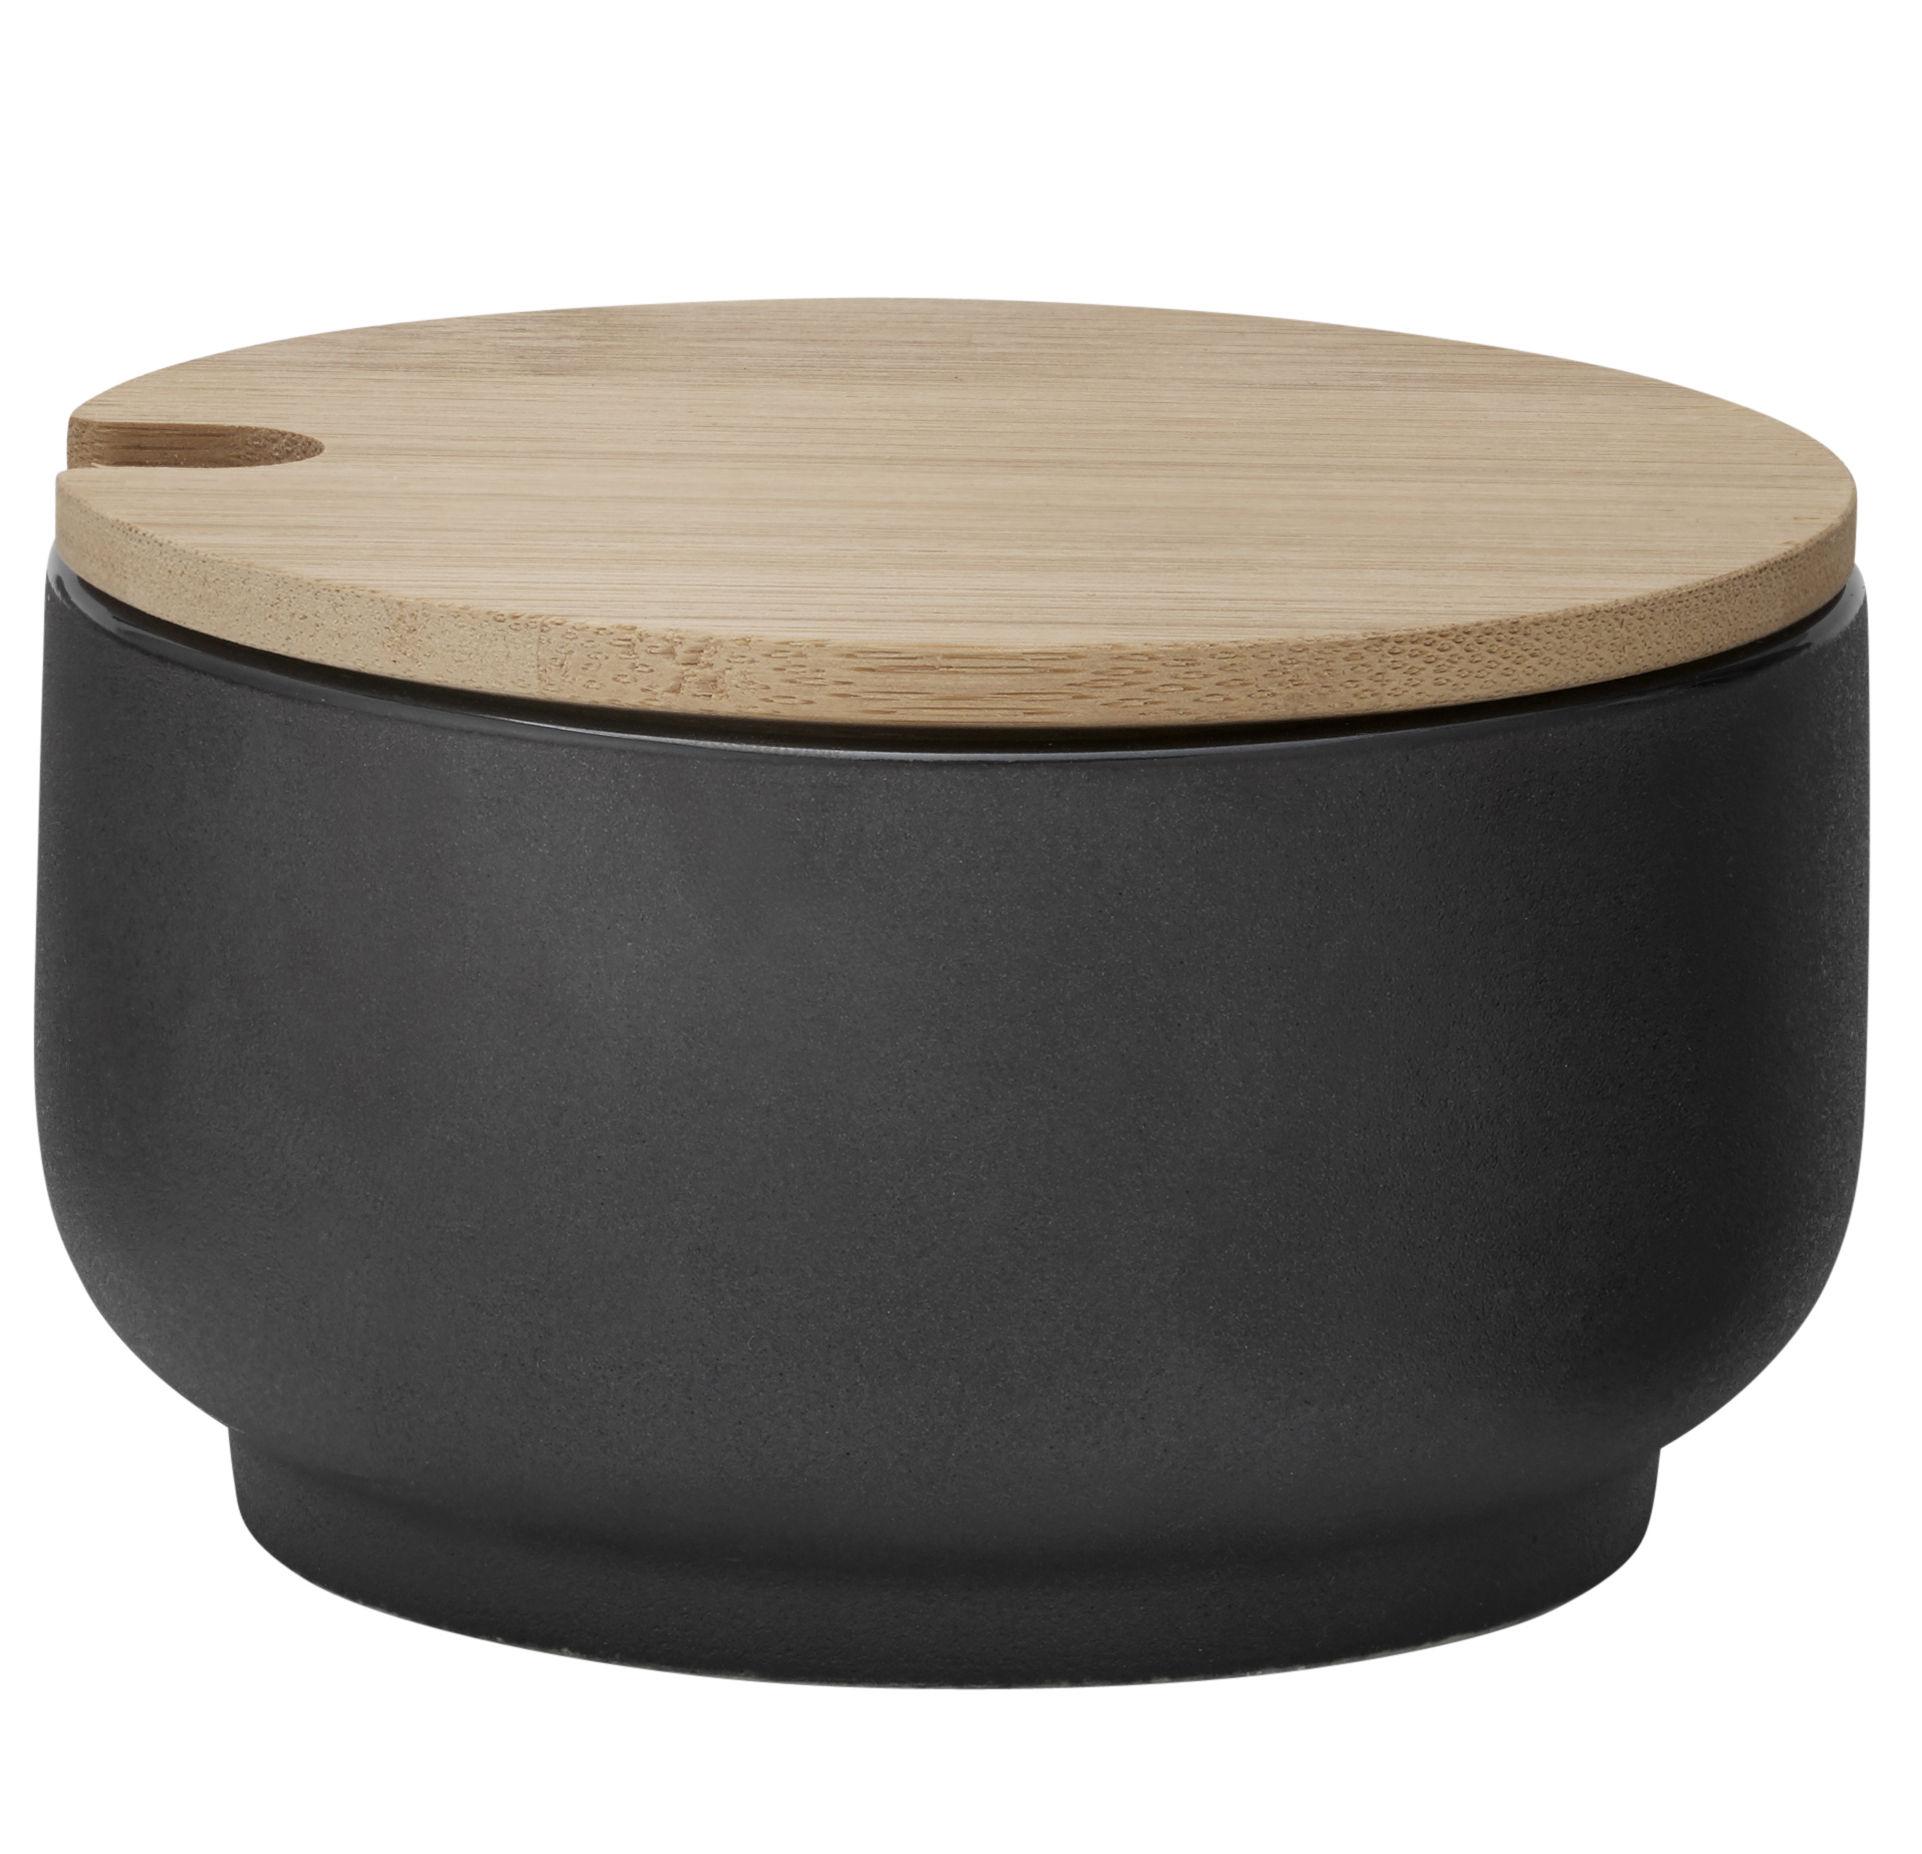 Küche - Zuckerdosen und Milchkännchen - Theo Zuckerdose / Steinzeug & Bambus - Stelton - Schwarzmatt & Bambus - Bambus, emaillierter Sandstein